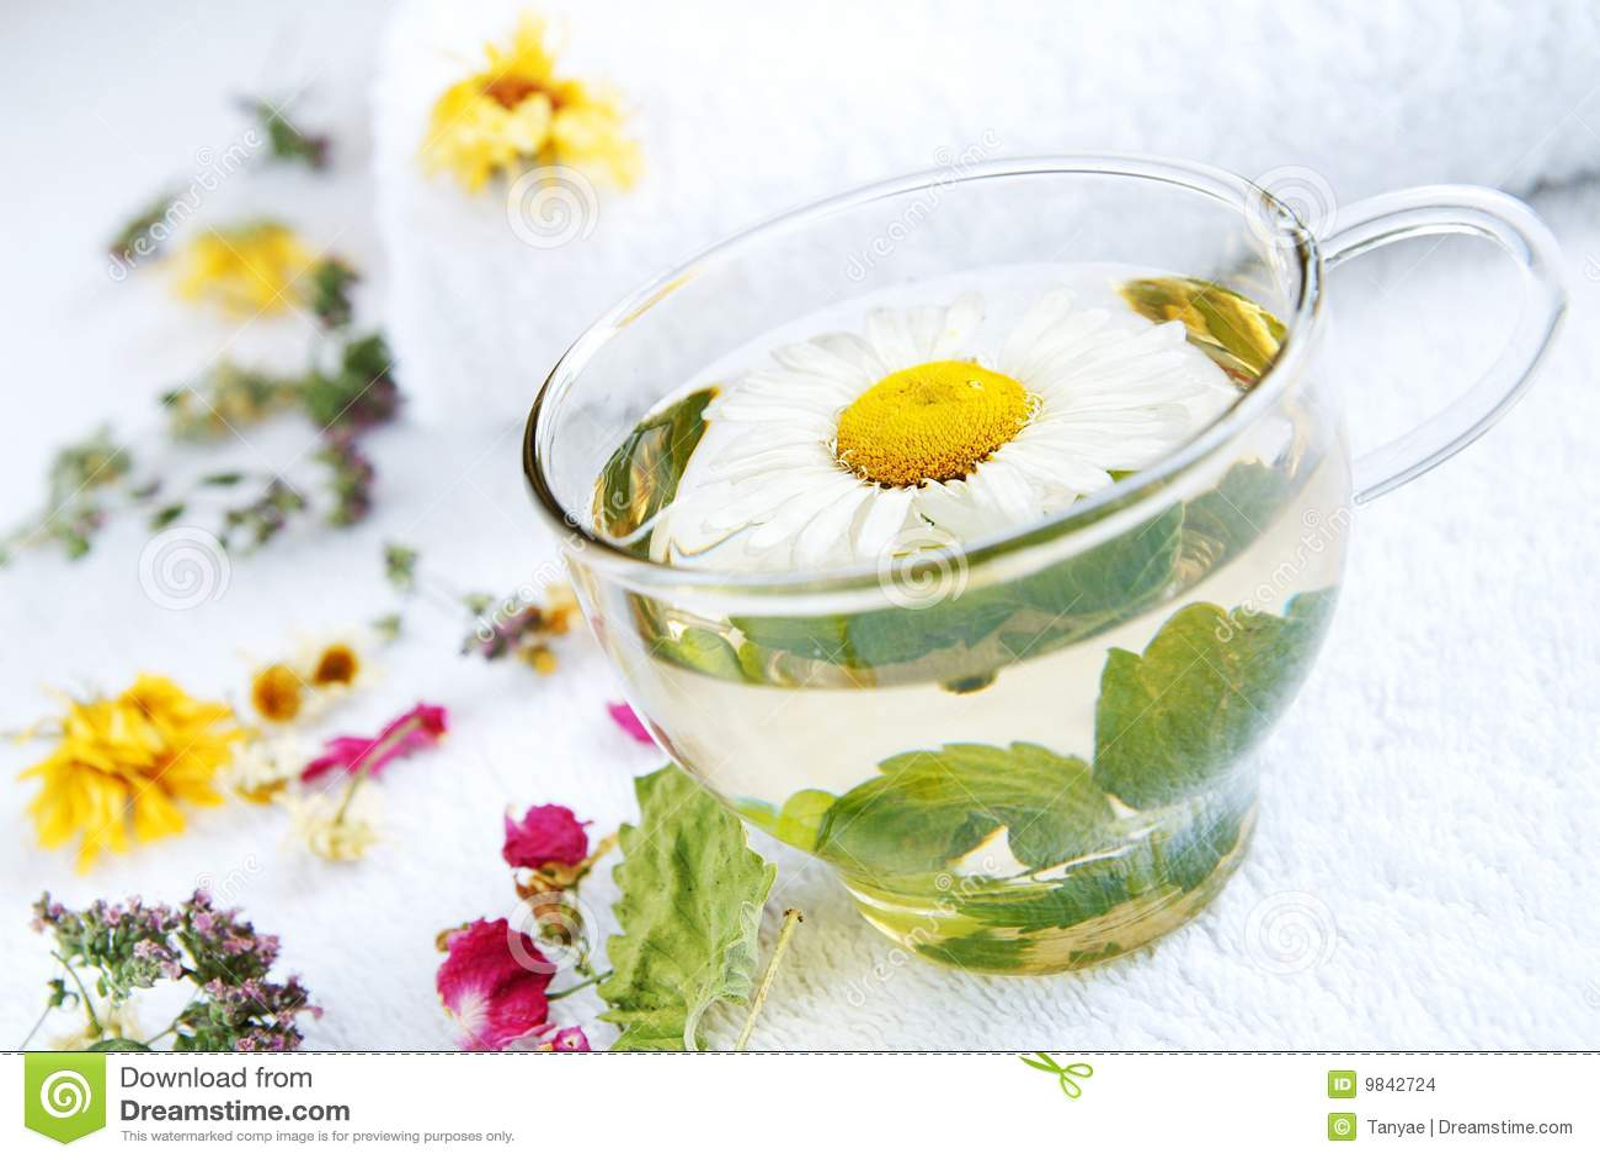 春黄菊医疗造币厂的茶